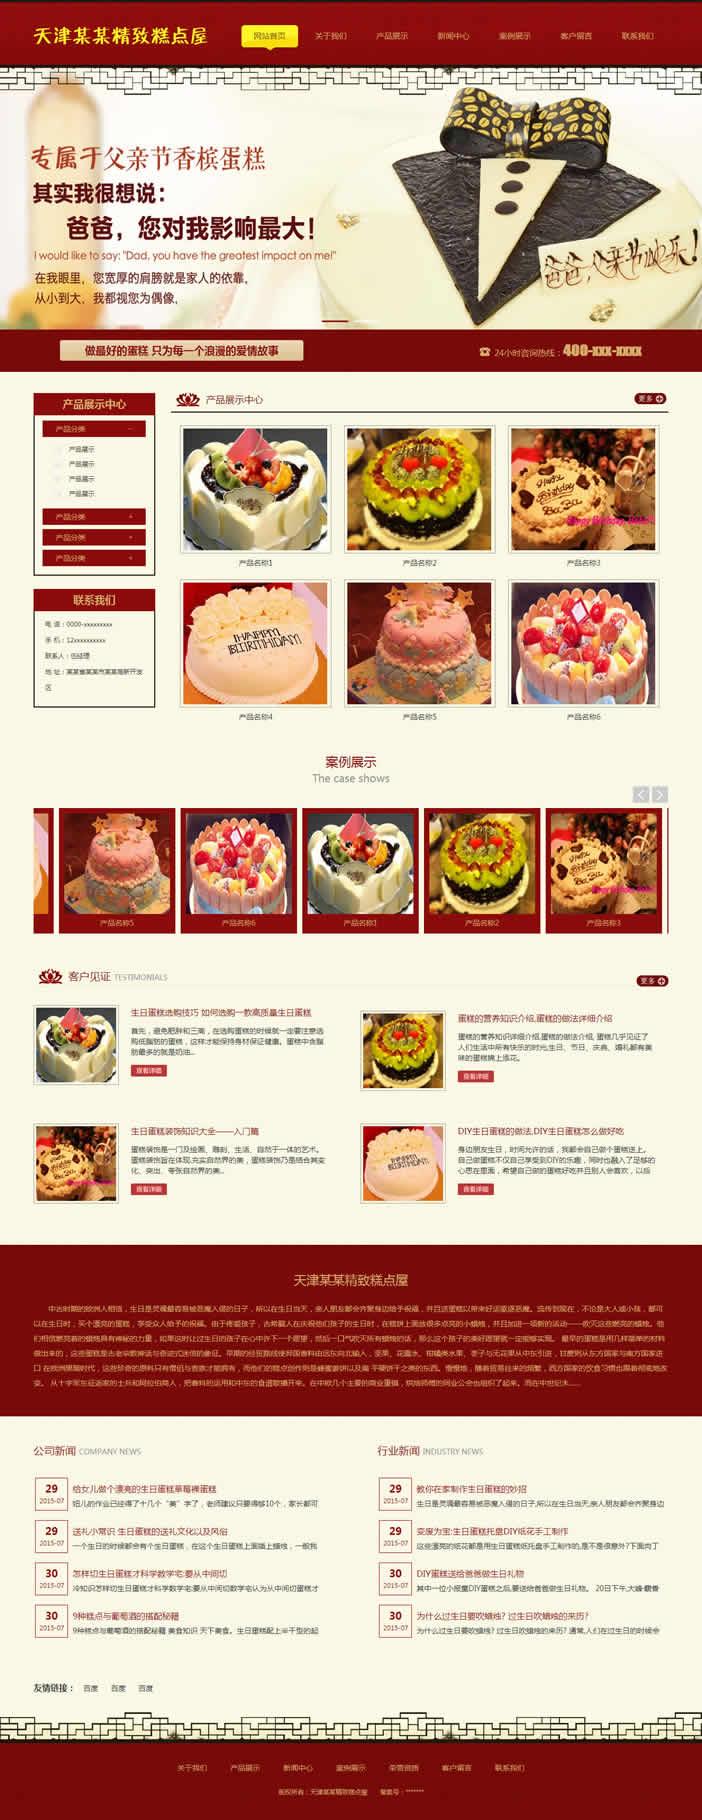 食品类企业网站